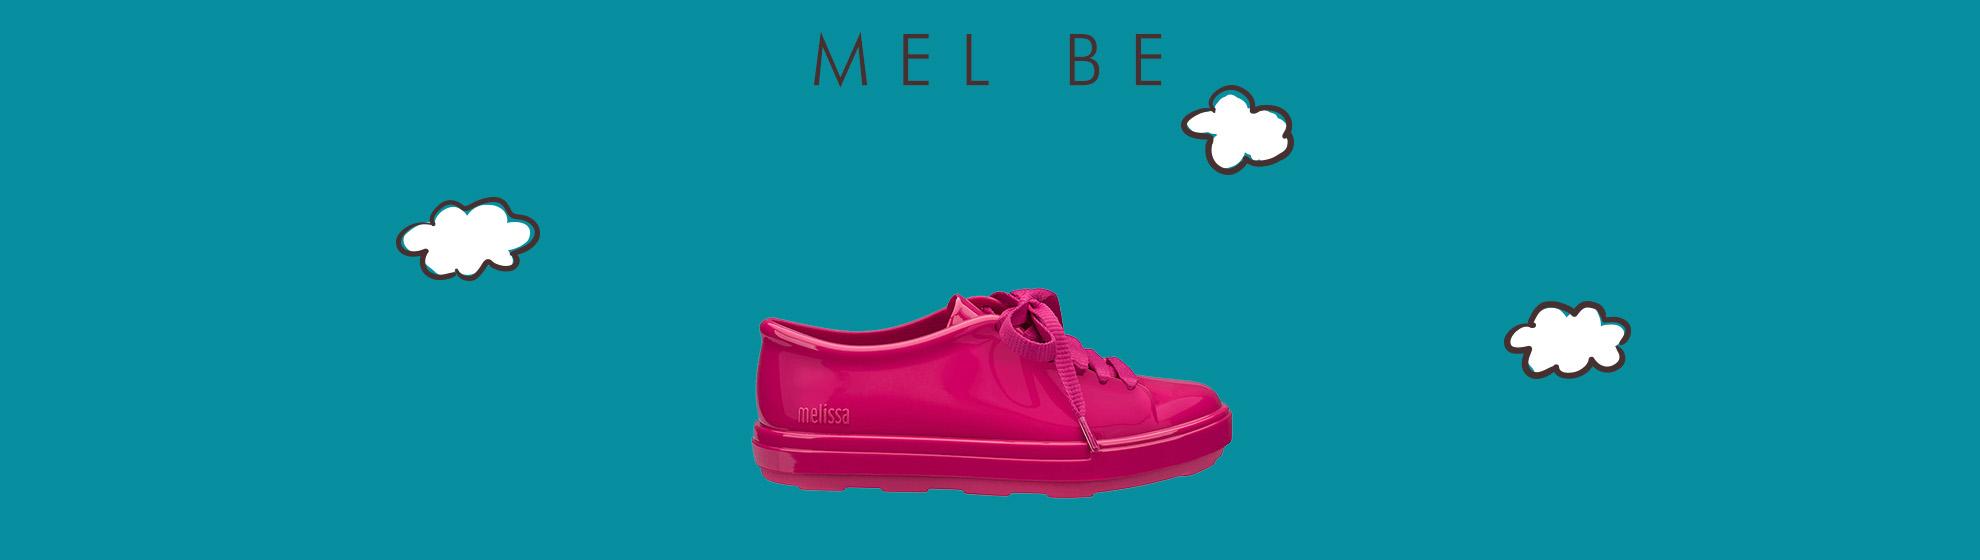 Mel be